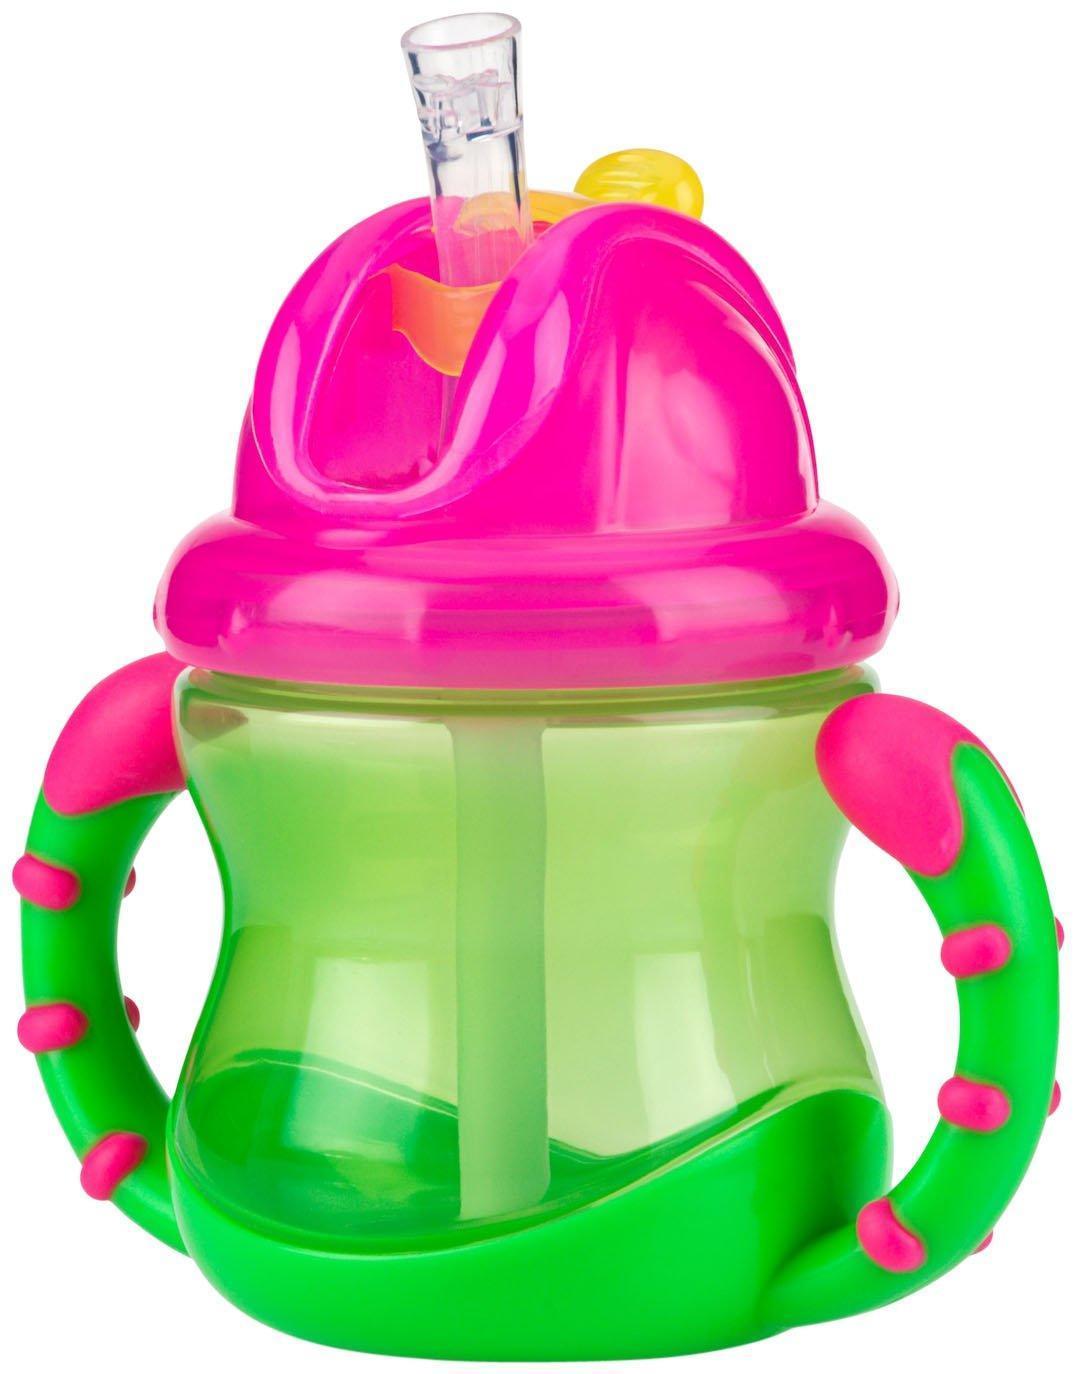 Новая мягкая трубочка для питья не причиняет беспокойства нежным деснам и защищает зубки ребенка. Трубочка прикрыта отщелкивающимся колпачком, удобным в использовании. Уникальная разработка защищает трубочку для питья от загрязнений в перерывах между использованием. Подходит для путешествий и коротких поездок. Отщелкивающийся колпачок сохраняет трубочку в чистоте. Когда ребенок захочет пить, он сможет без труда открыть колпачок при помощи щелчка; при этом колпачок отбрасывается назад и не падает с крышки. Благодаря запатентованному встроенному клапану, жидкость поступает в трубочку только в момент питья. Эргономичный поильник, с прорезиненными ручками, удобен в использовании как для родителей, так и для очень маленьких детей.